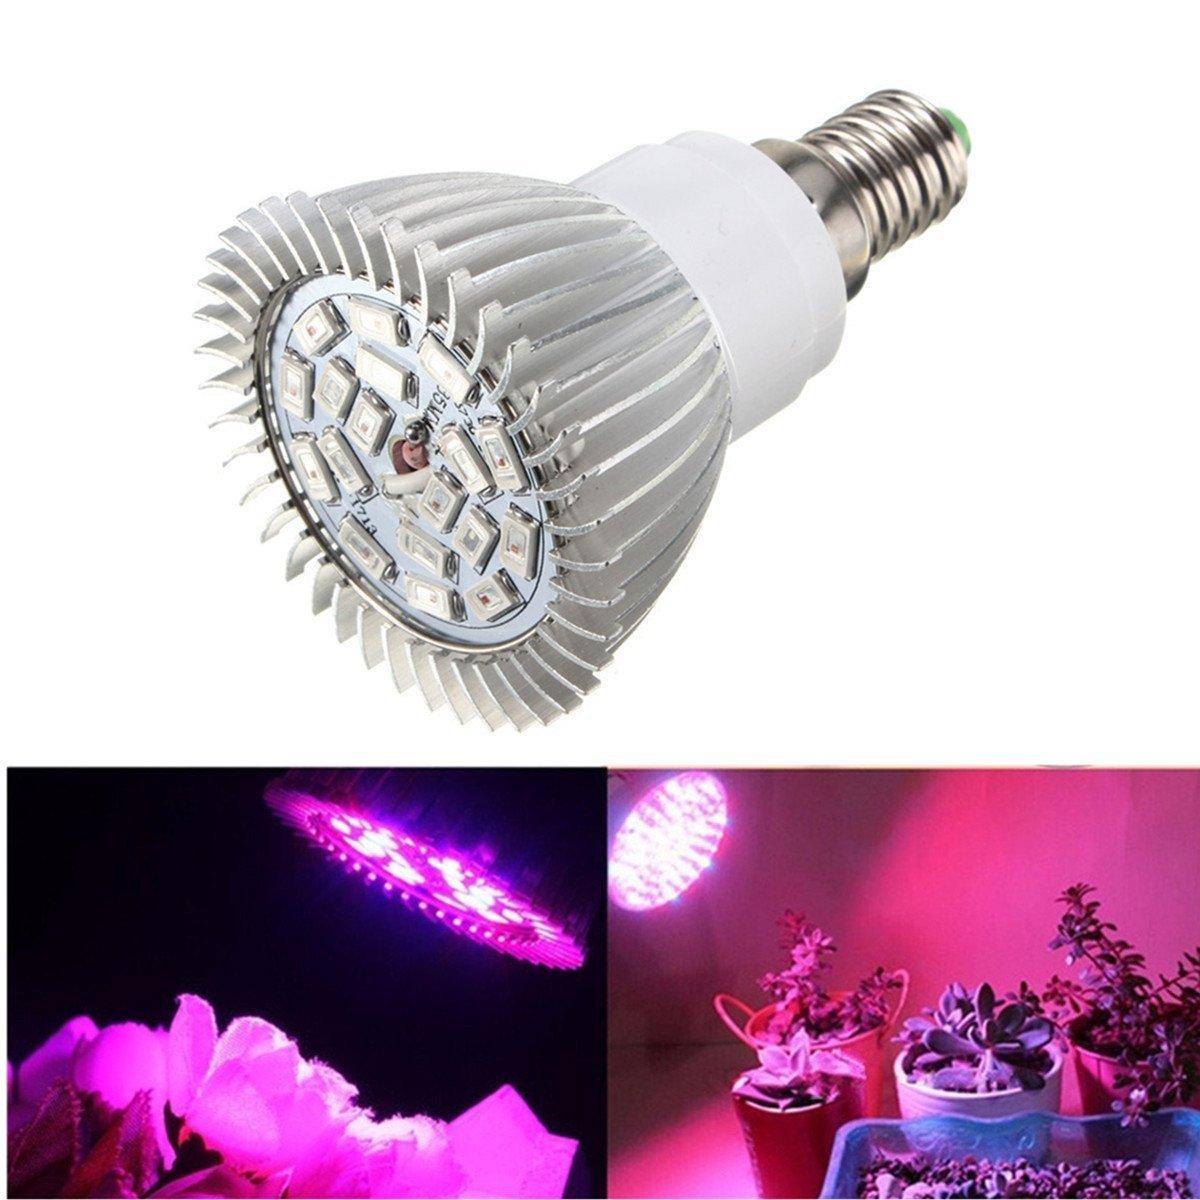 Nett Grow Led Lampen Bilder - Hauptinnenideen - kakados.com